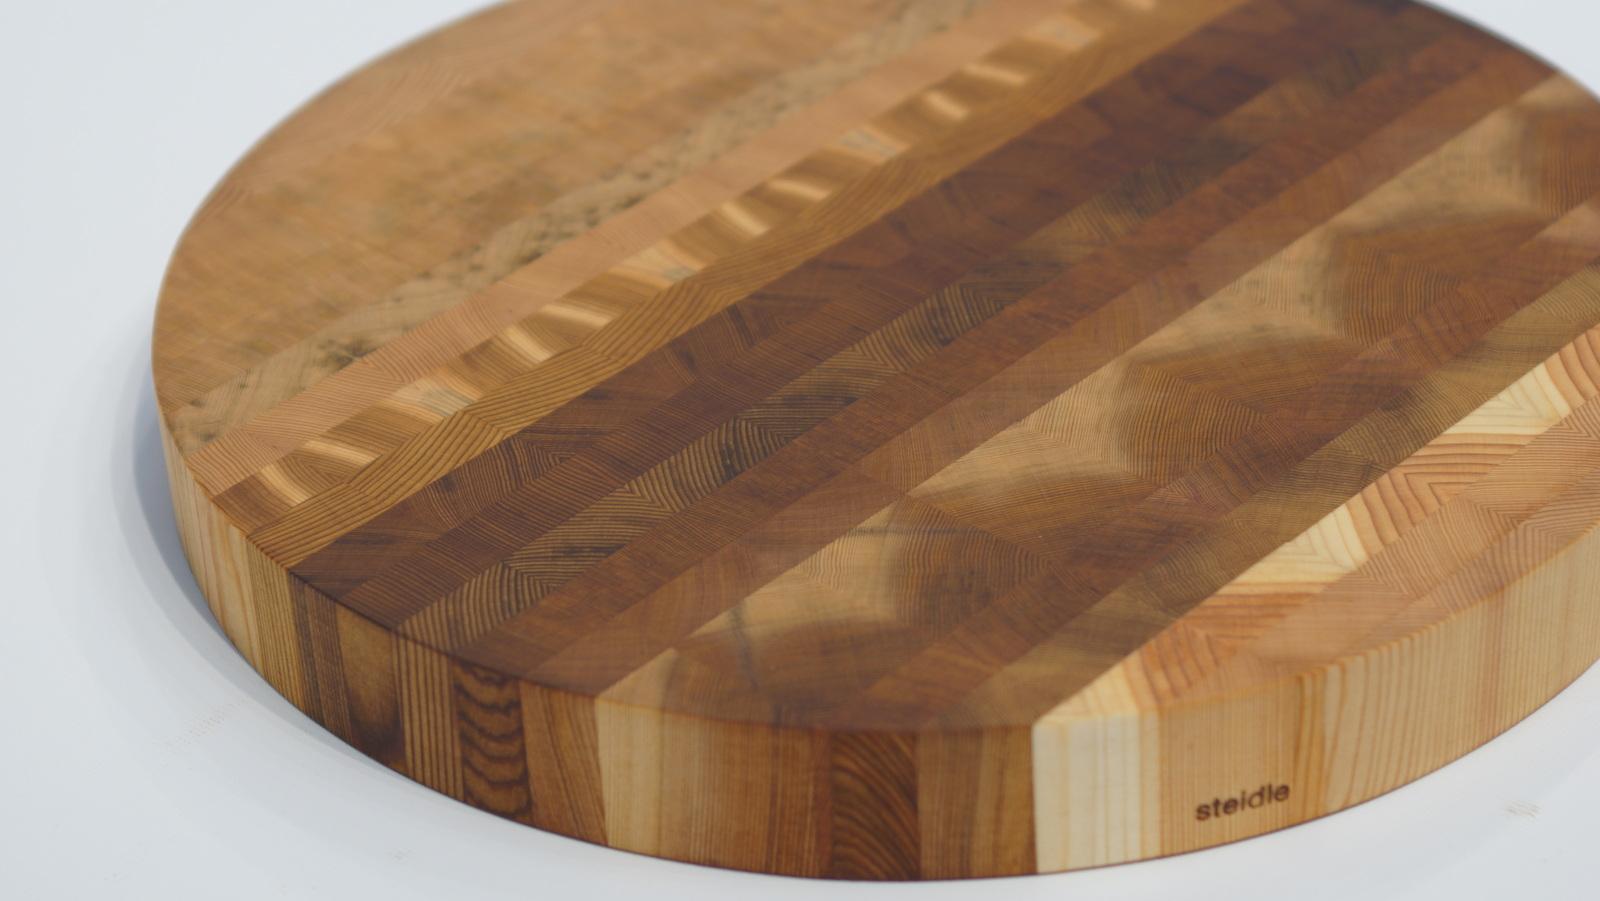 End Grain Cedar Cutting Board